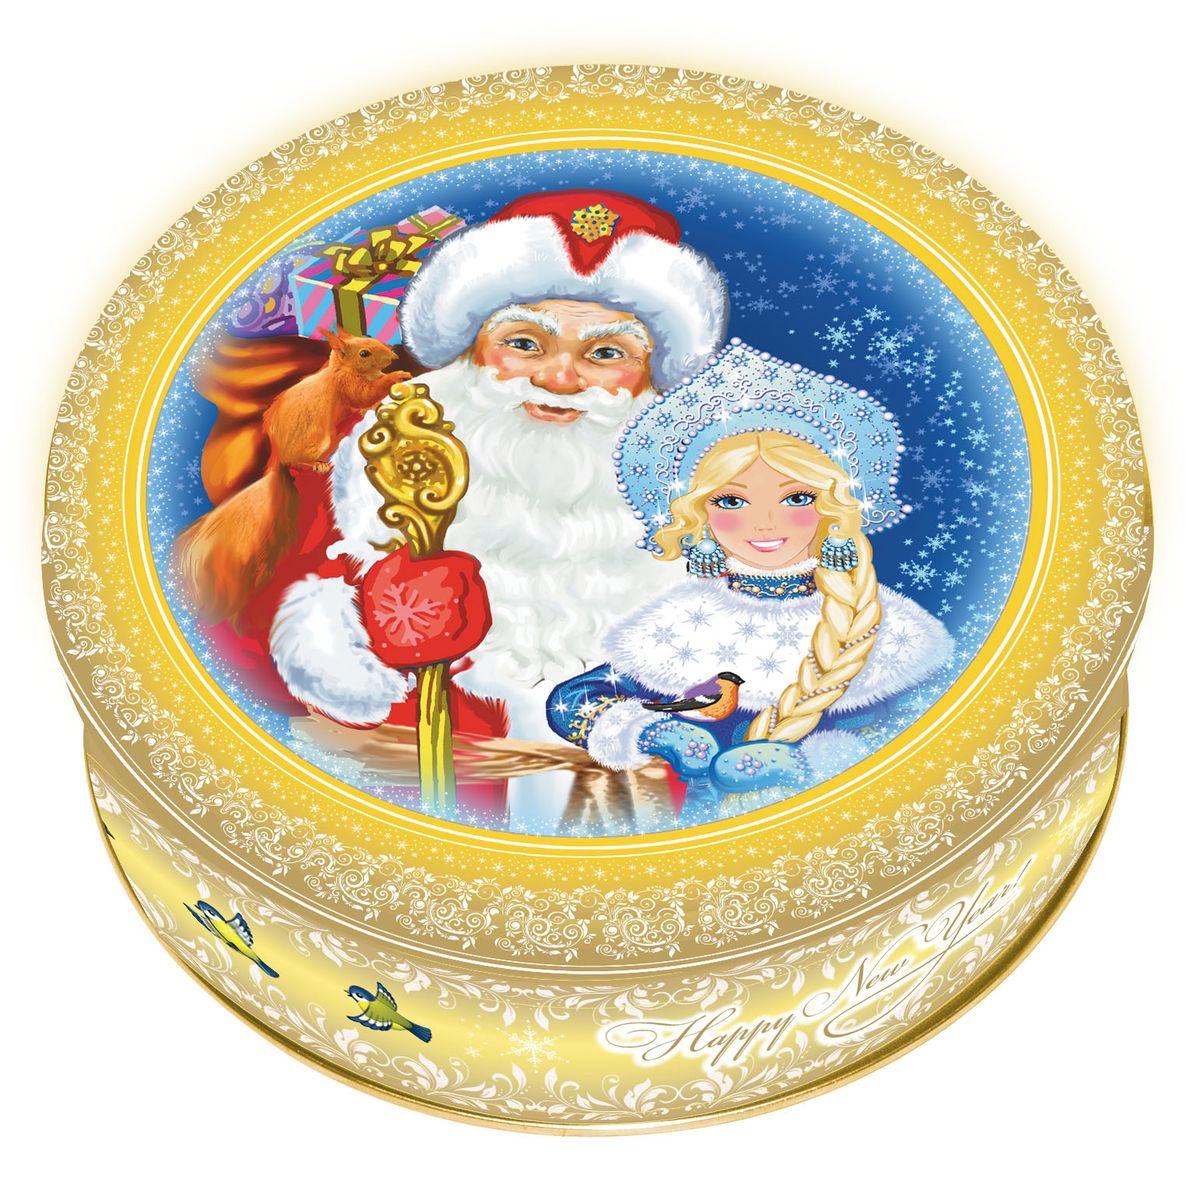 Сладкая Сказка Печенье Дед Мороз и Снегурочка, 400 гMC-4-19Яркая подарочная банка с печеньем Дед Мороз и Снегурочка станет прекрасным подарком детям, близким, друзьям и коллегам на Новый год или Рождество.В каждой банке – 400 грамм сдобного печенья. Оно не только вкусное, но и полезное.Натуральные ингредиенты, сливочное масло, кукурузный крахмал и пшеничная мука, входящие в состав продукта, содержат целый ряд витаминов, минералов и аминокислот.На крышке изображены главные герои новогодних праздников — Дед Мороз и Снегурочка. Такая банка украсит любой праздничный стол!